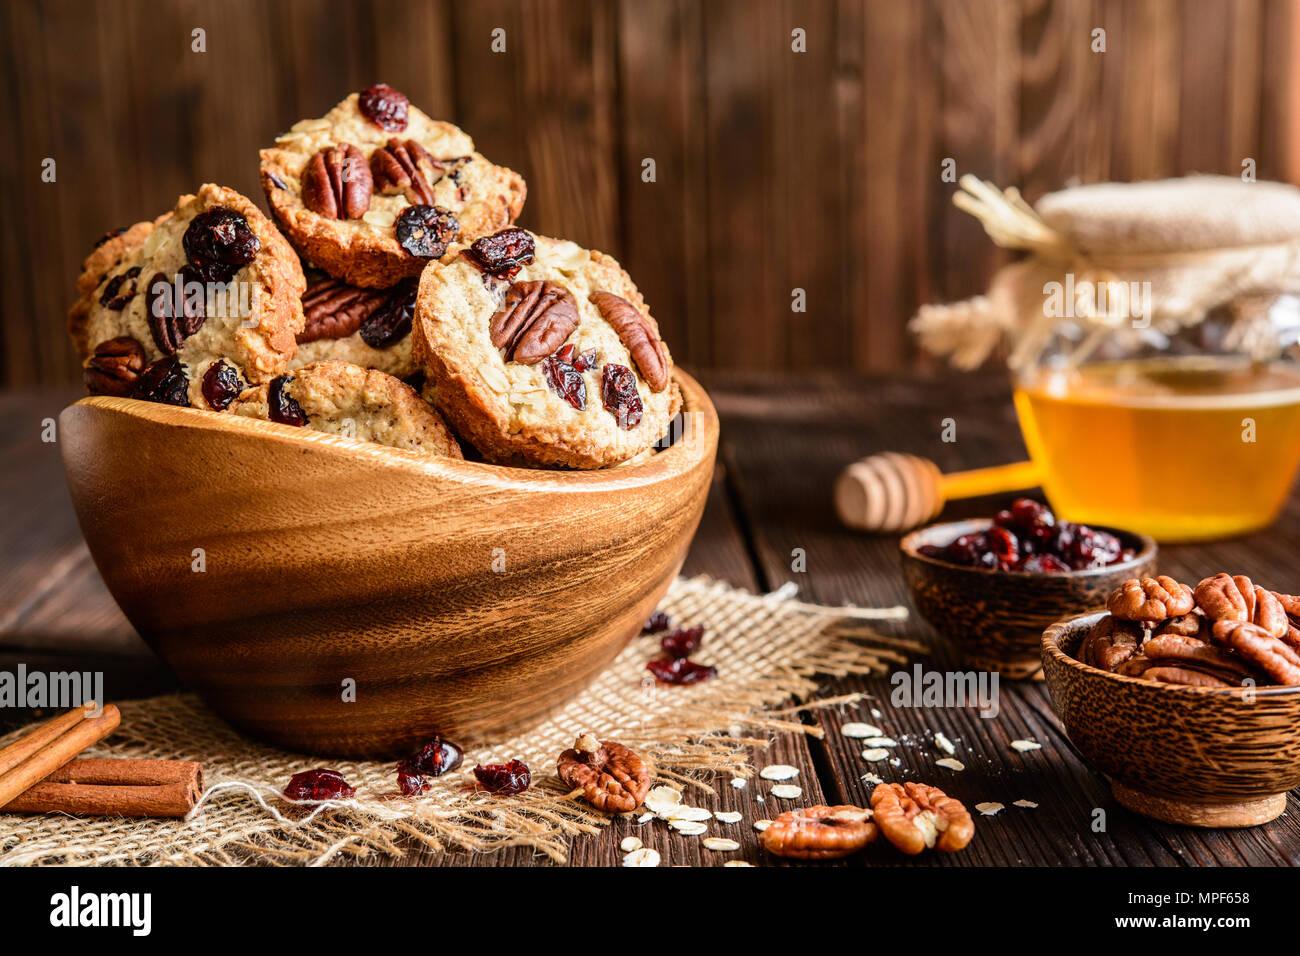 Hausgemachte Vollkorn Haferflocken Cookies mit Pekannuss, getrocknete Cranberries und Honig Stockbild